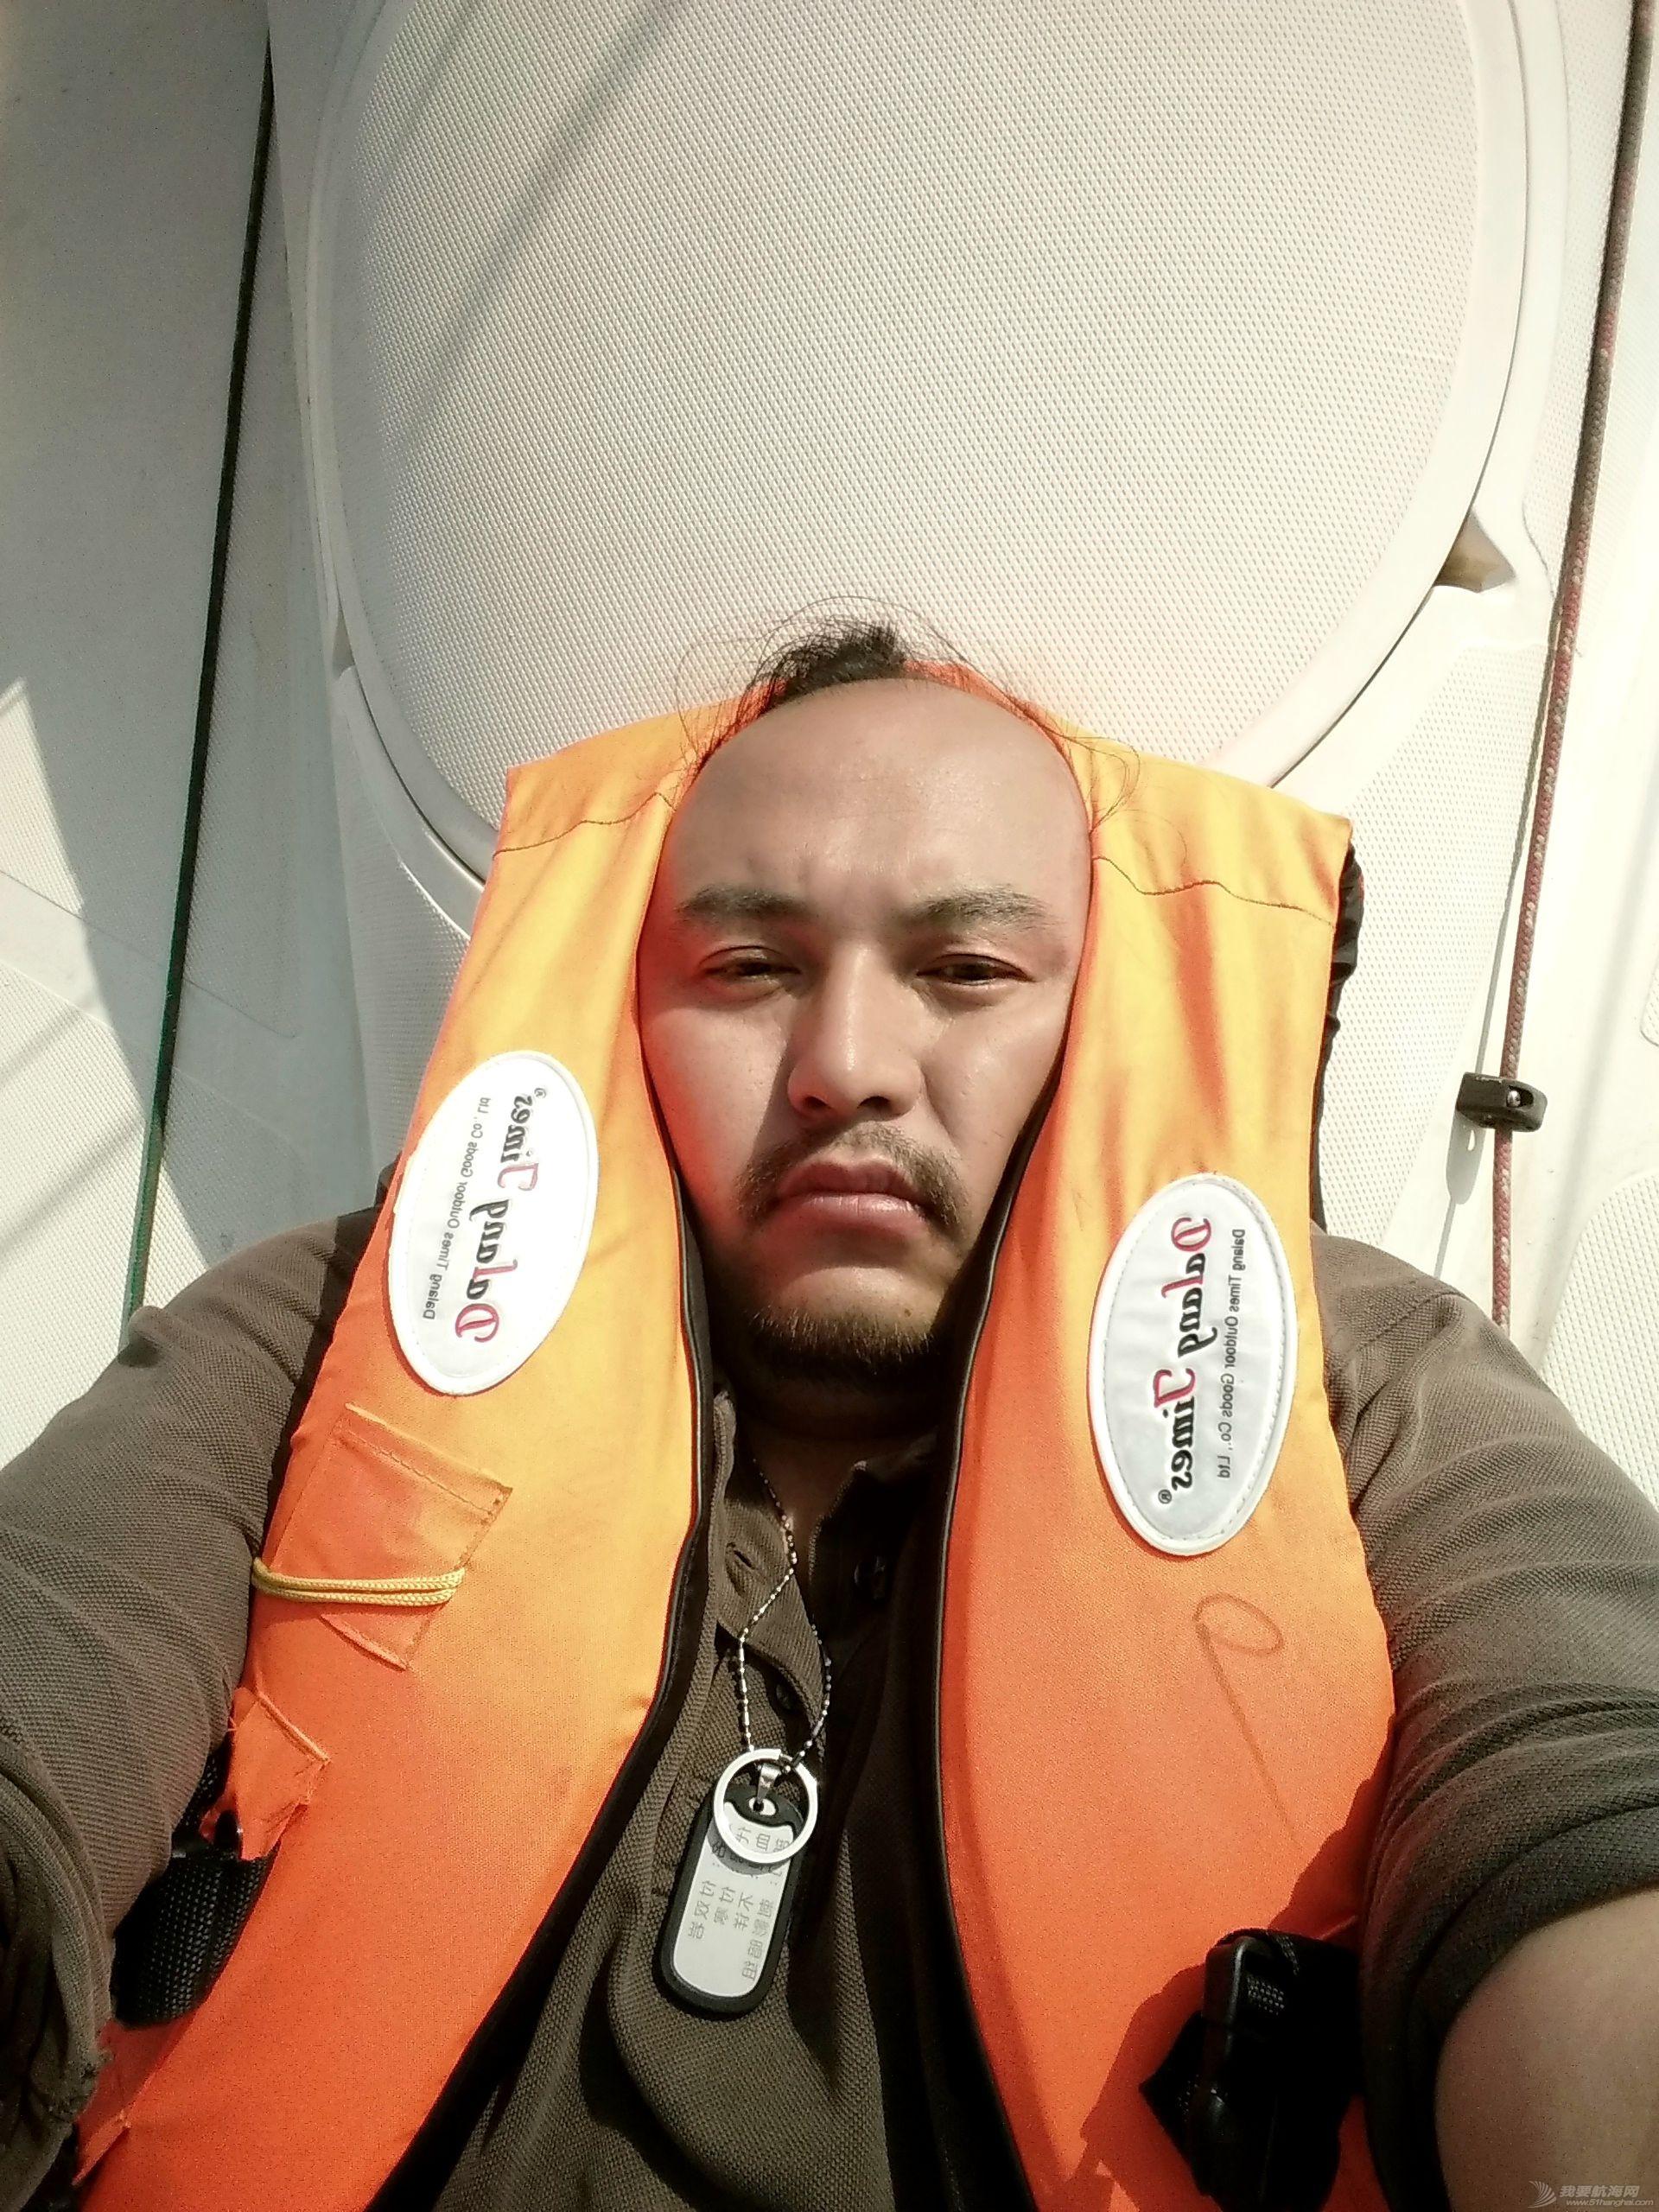 志愿者 我的志愿者生活005:期待明天的扬帆出海 IMG20150929083153_副本.jpg